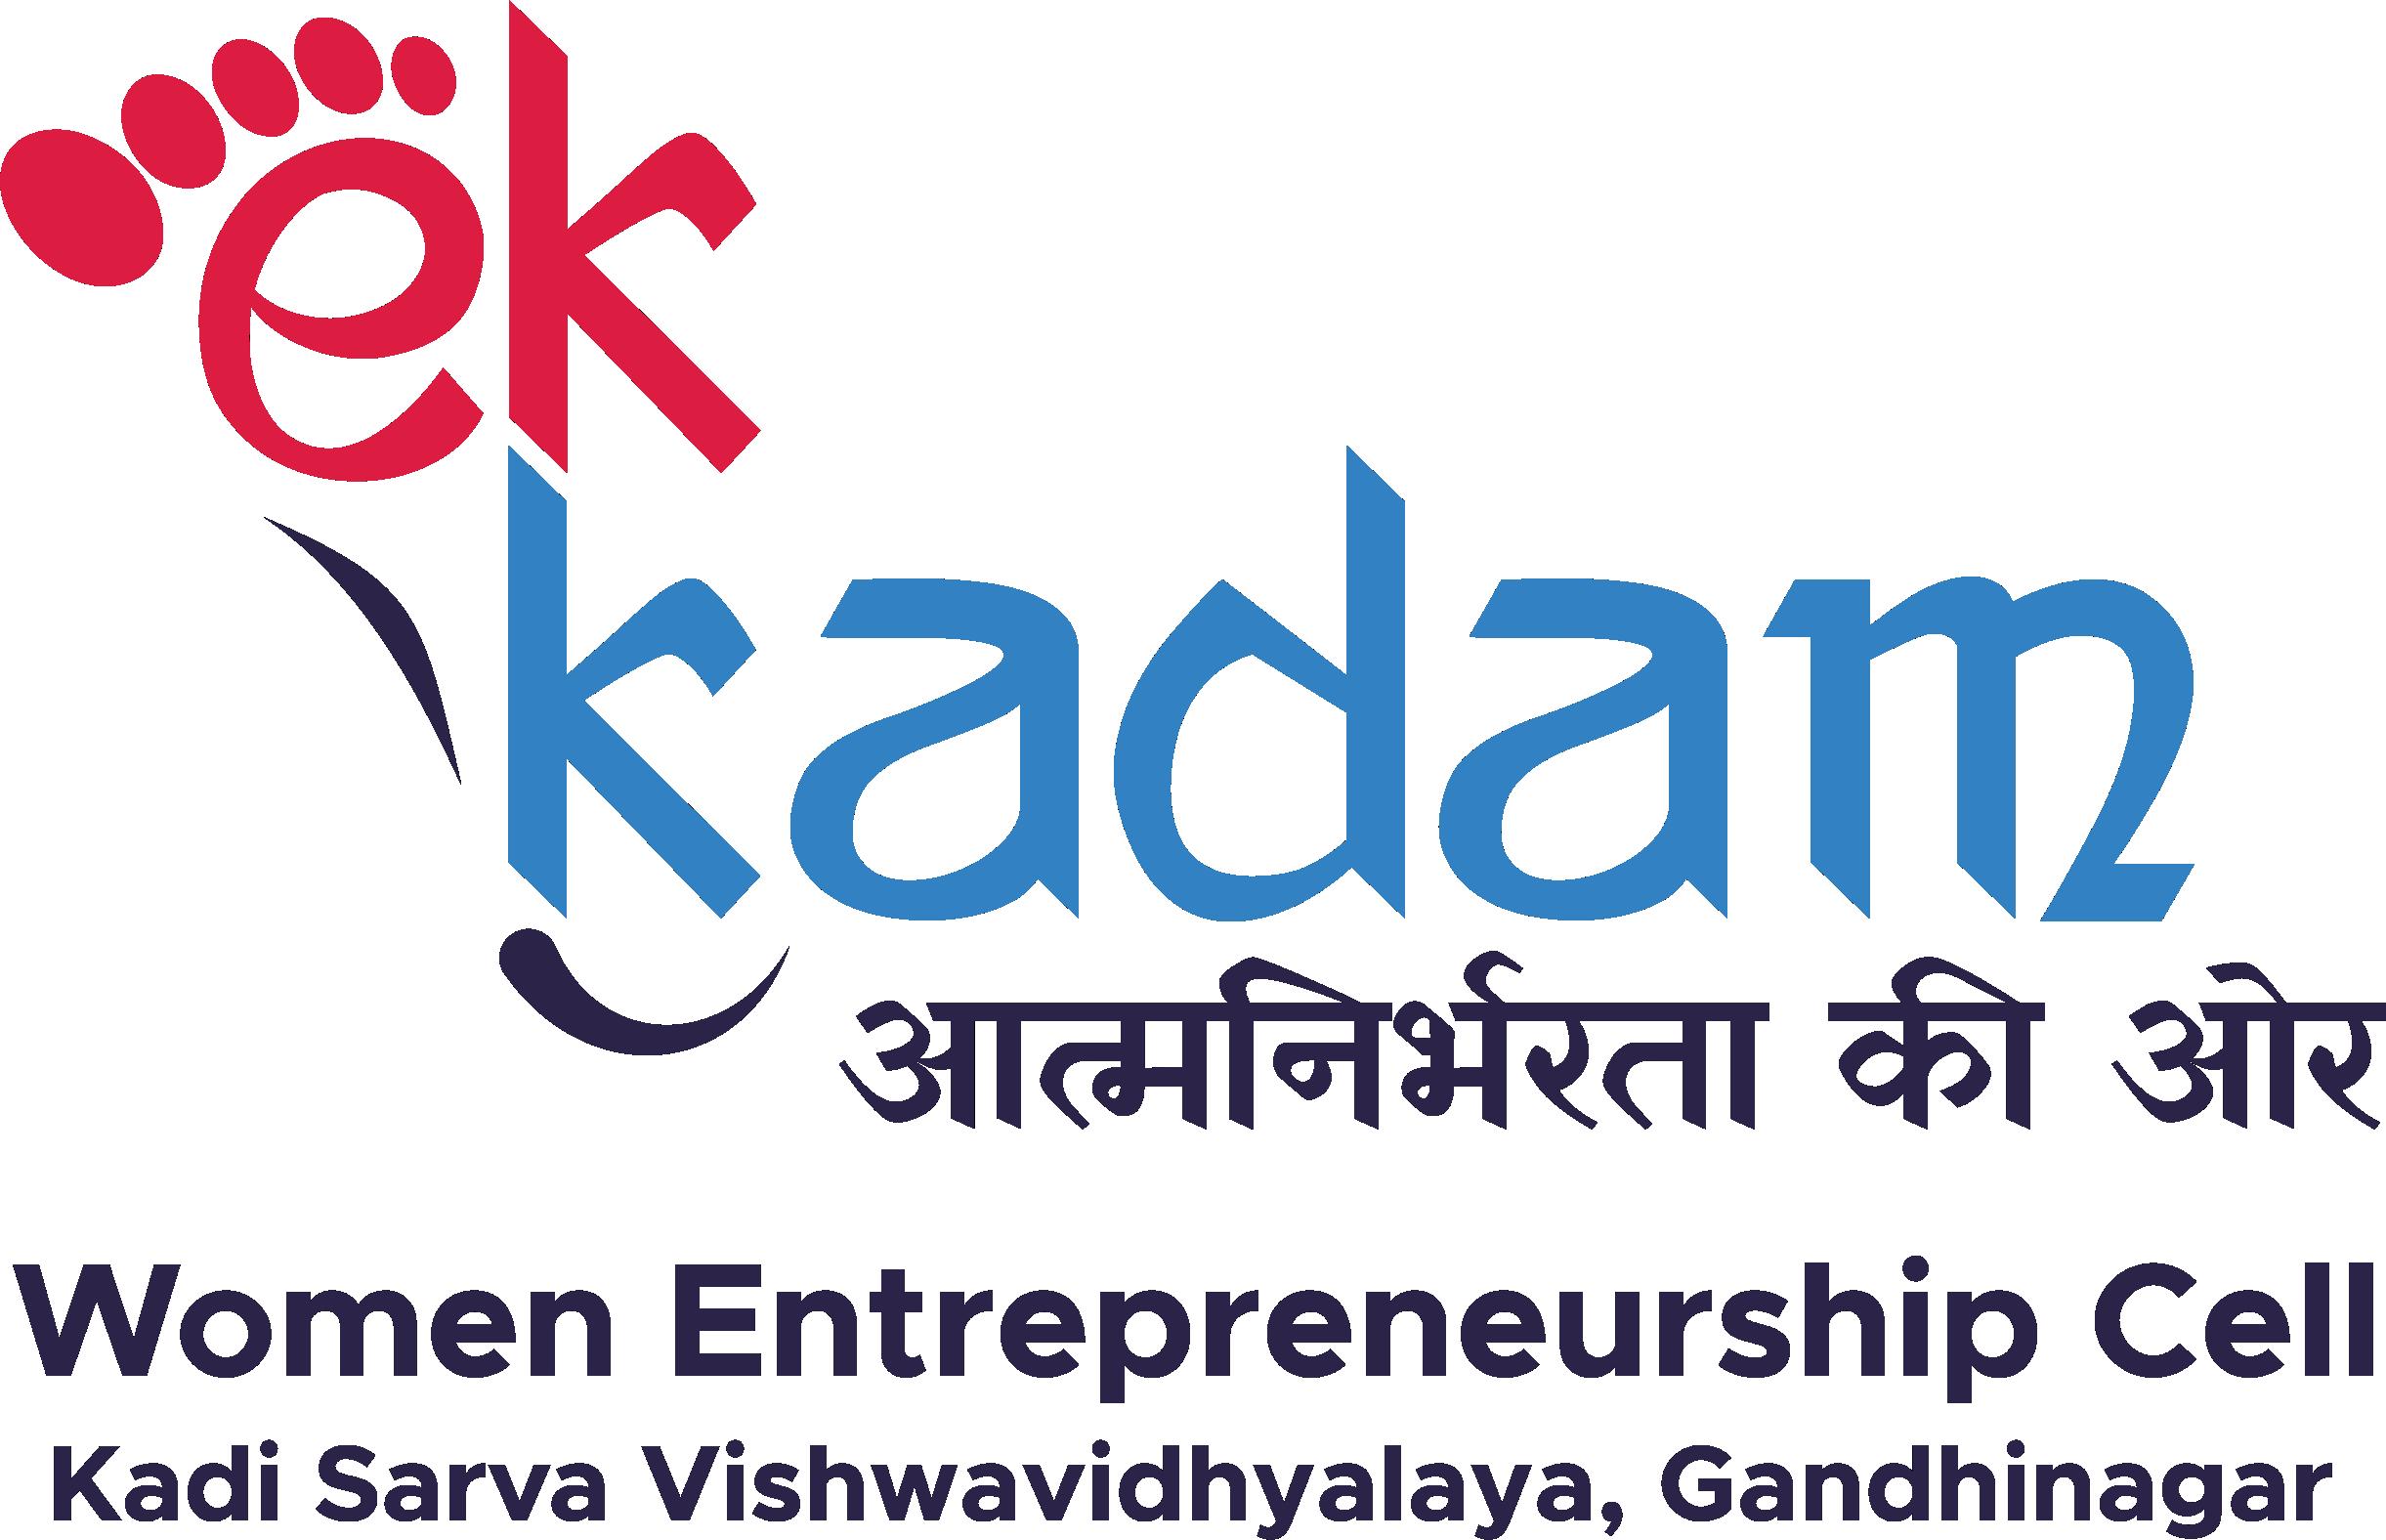 Women Entrepreneur Cell